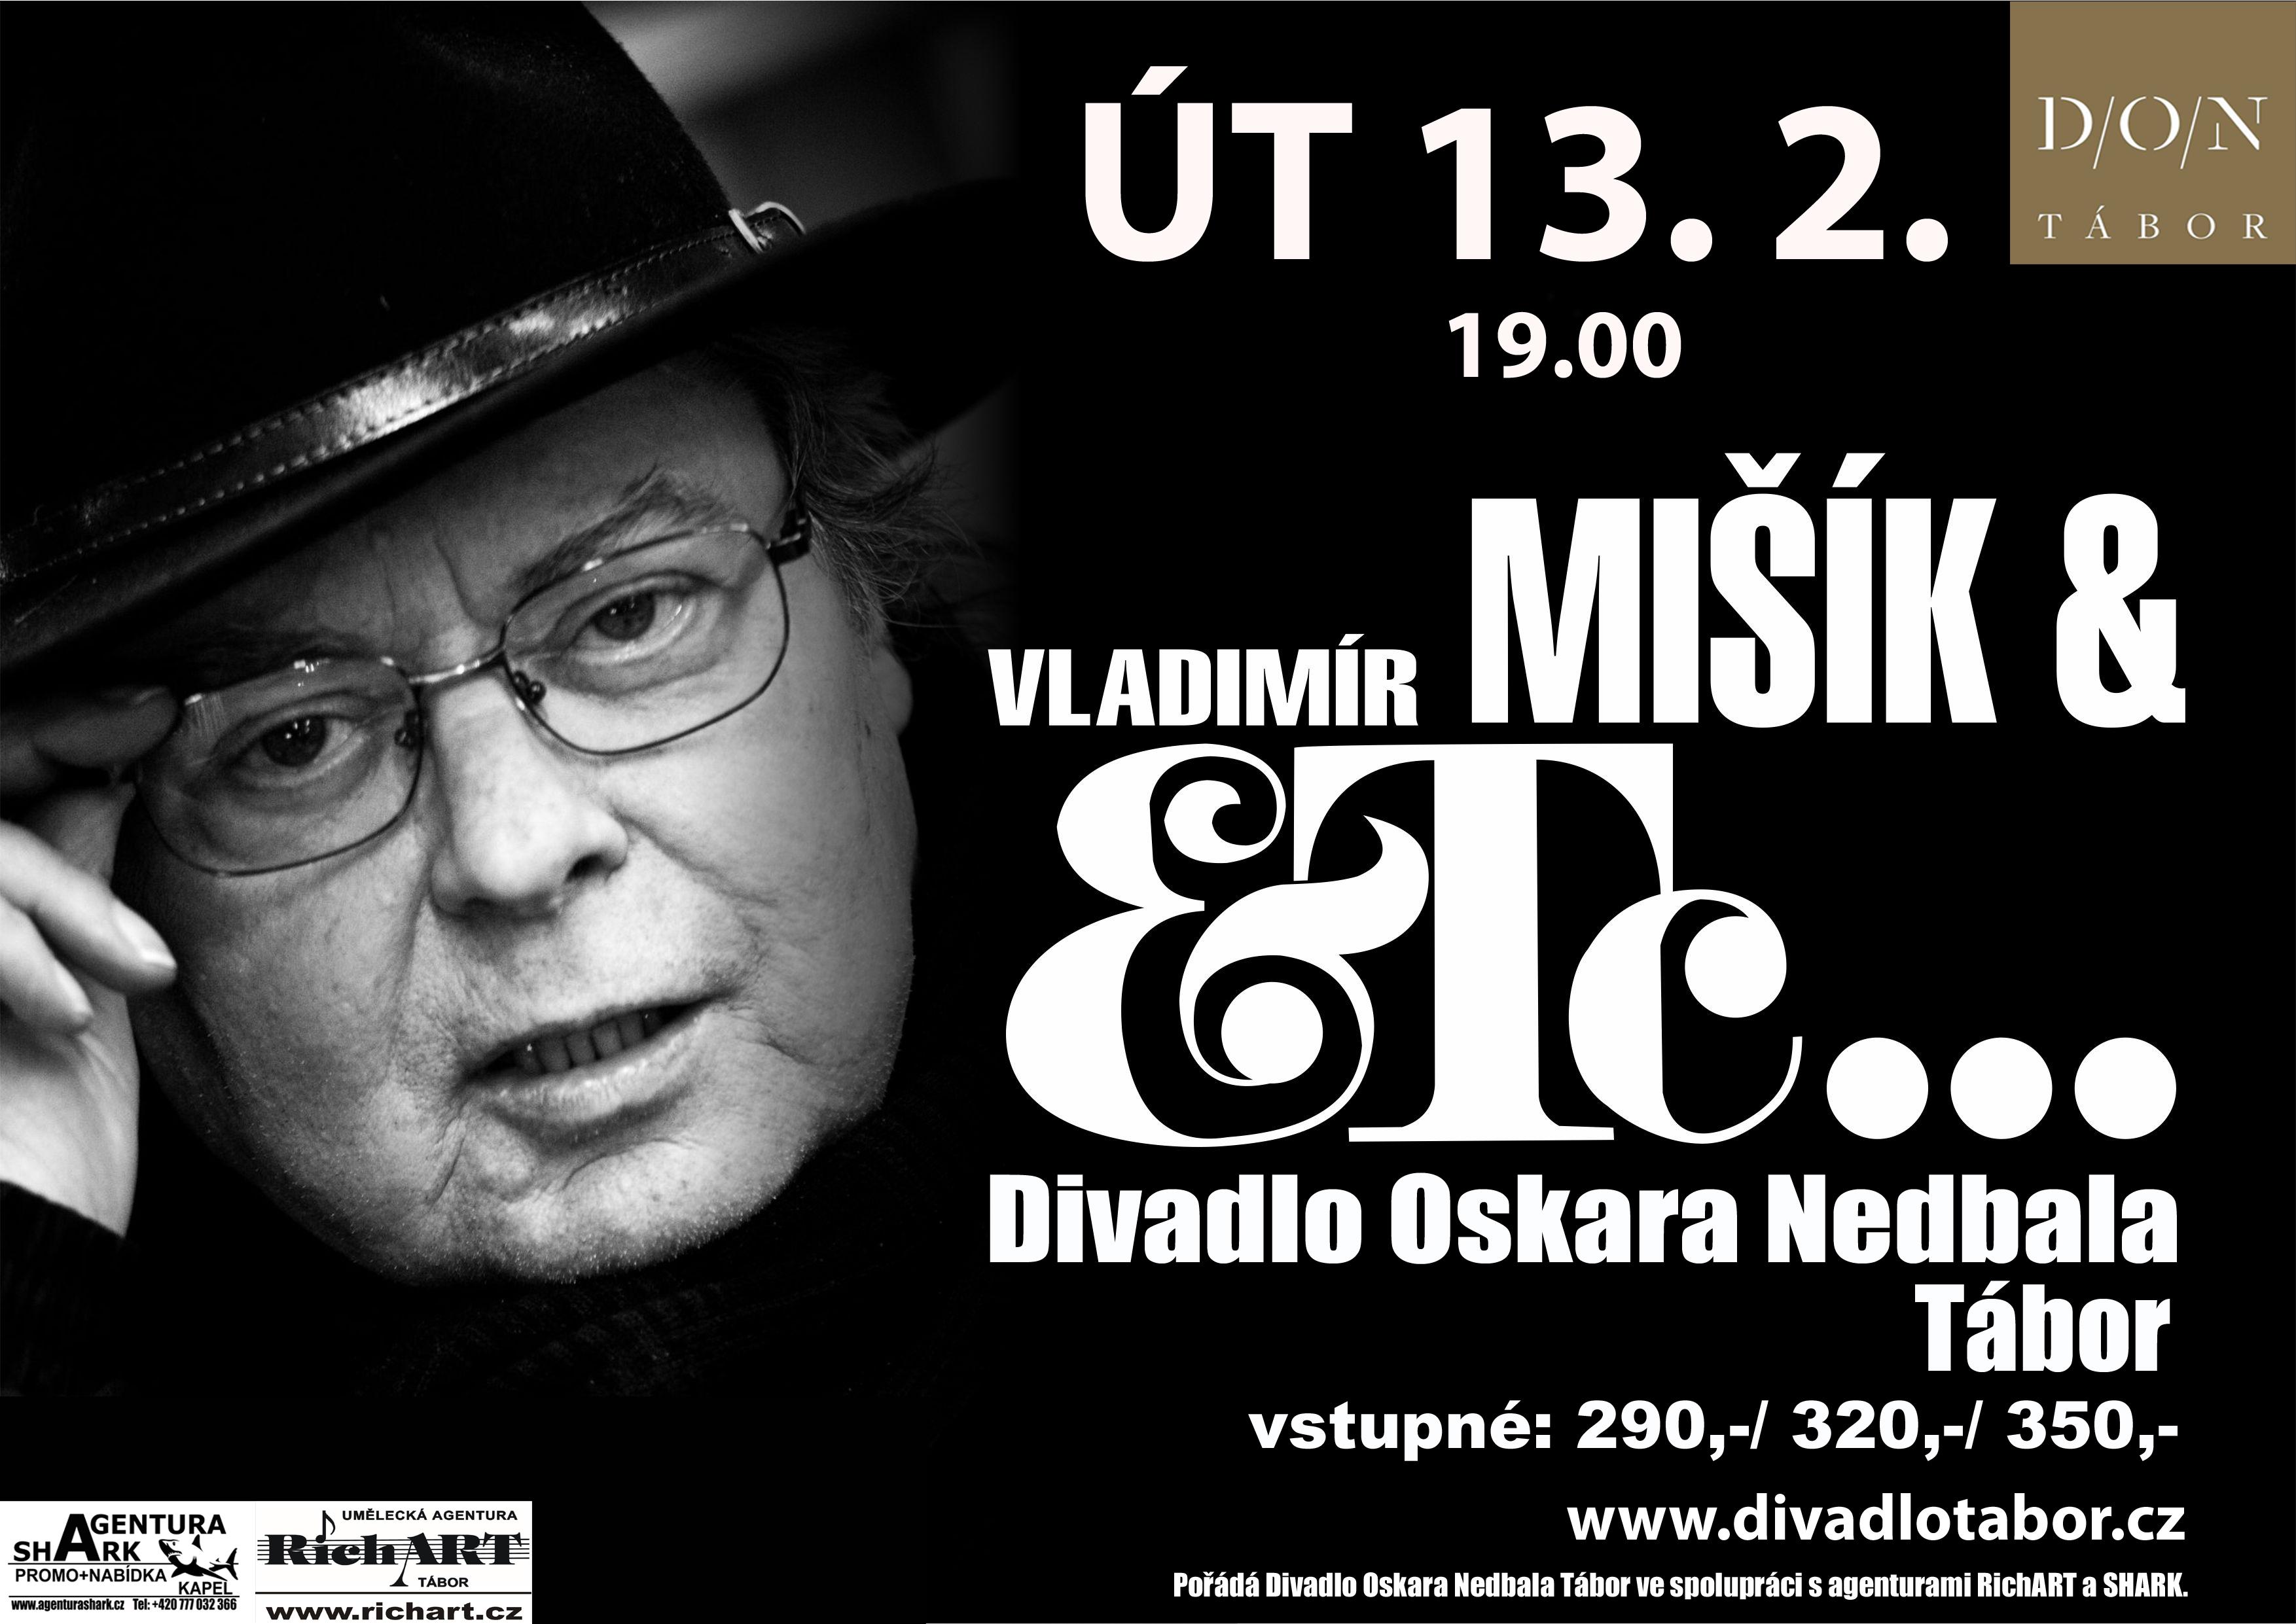 misik_plk 1